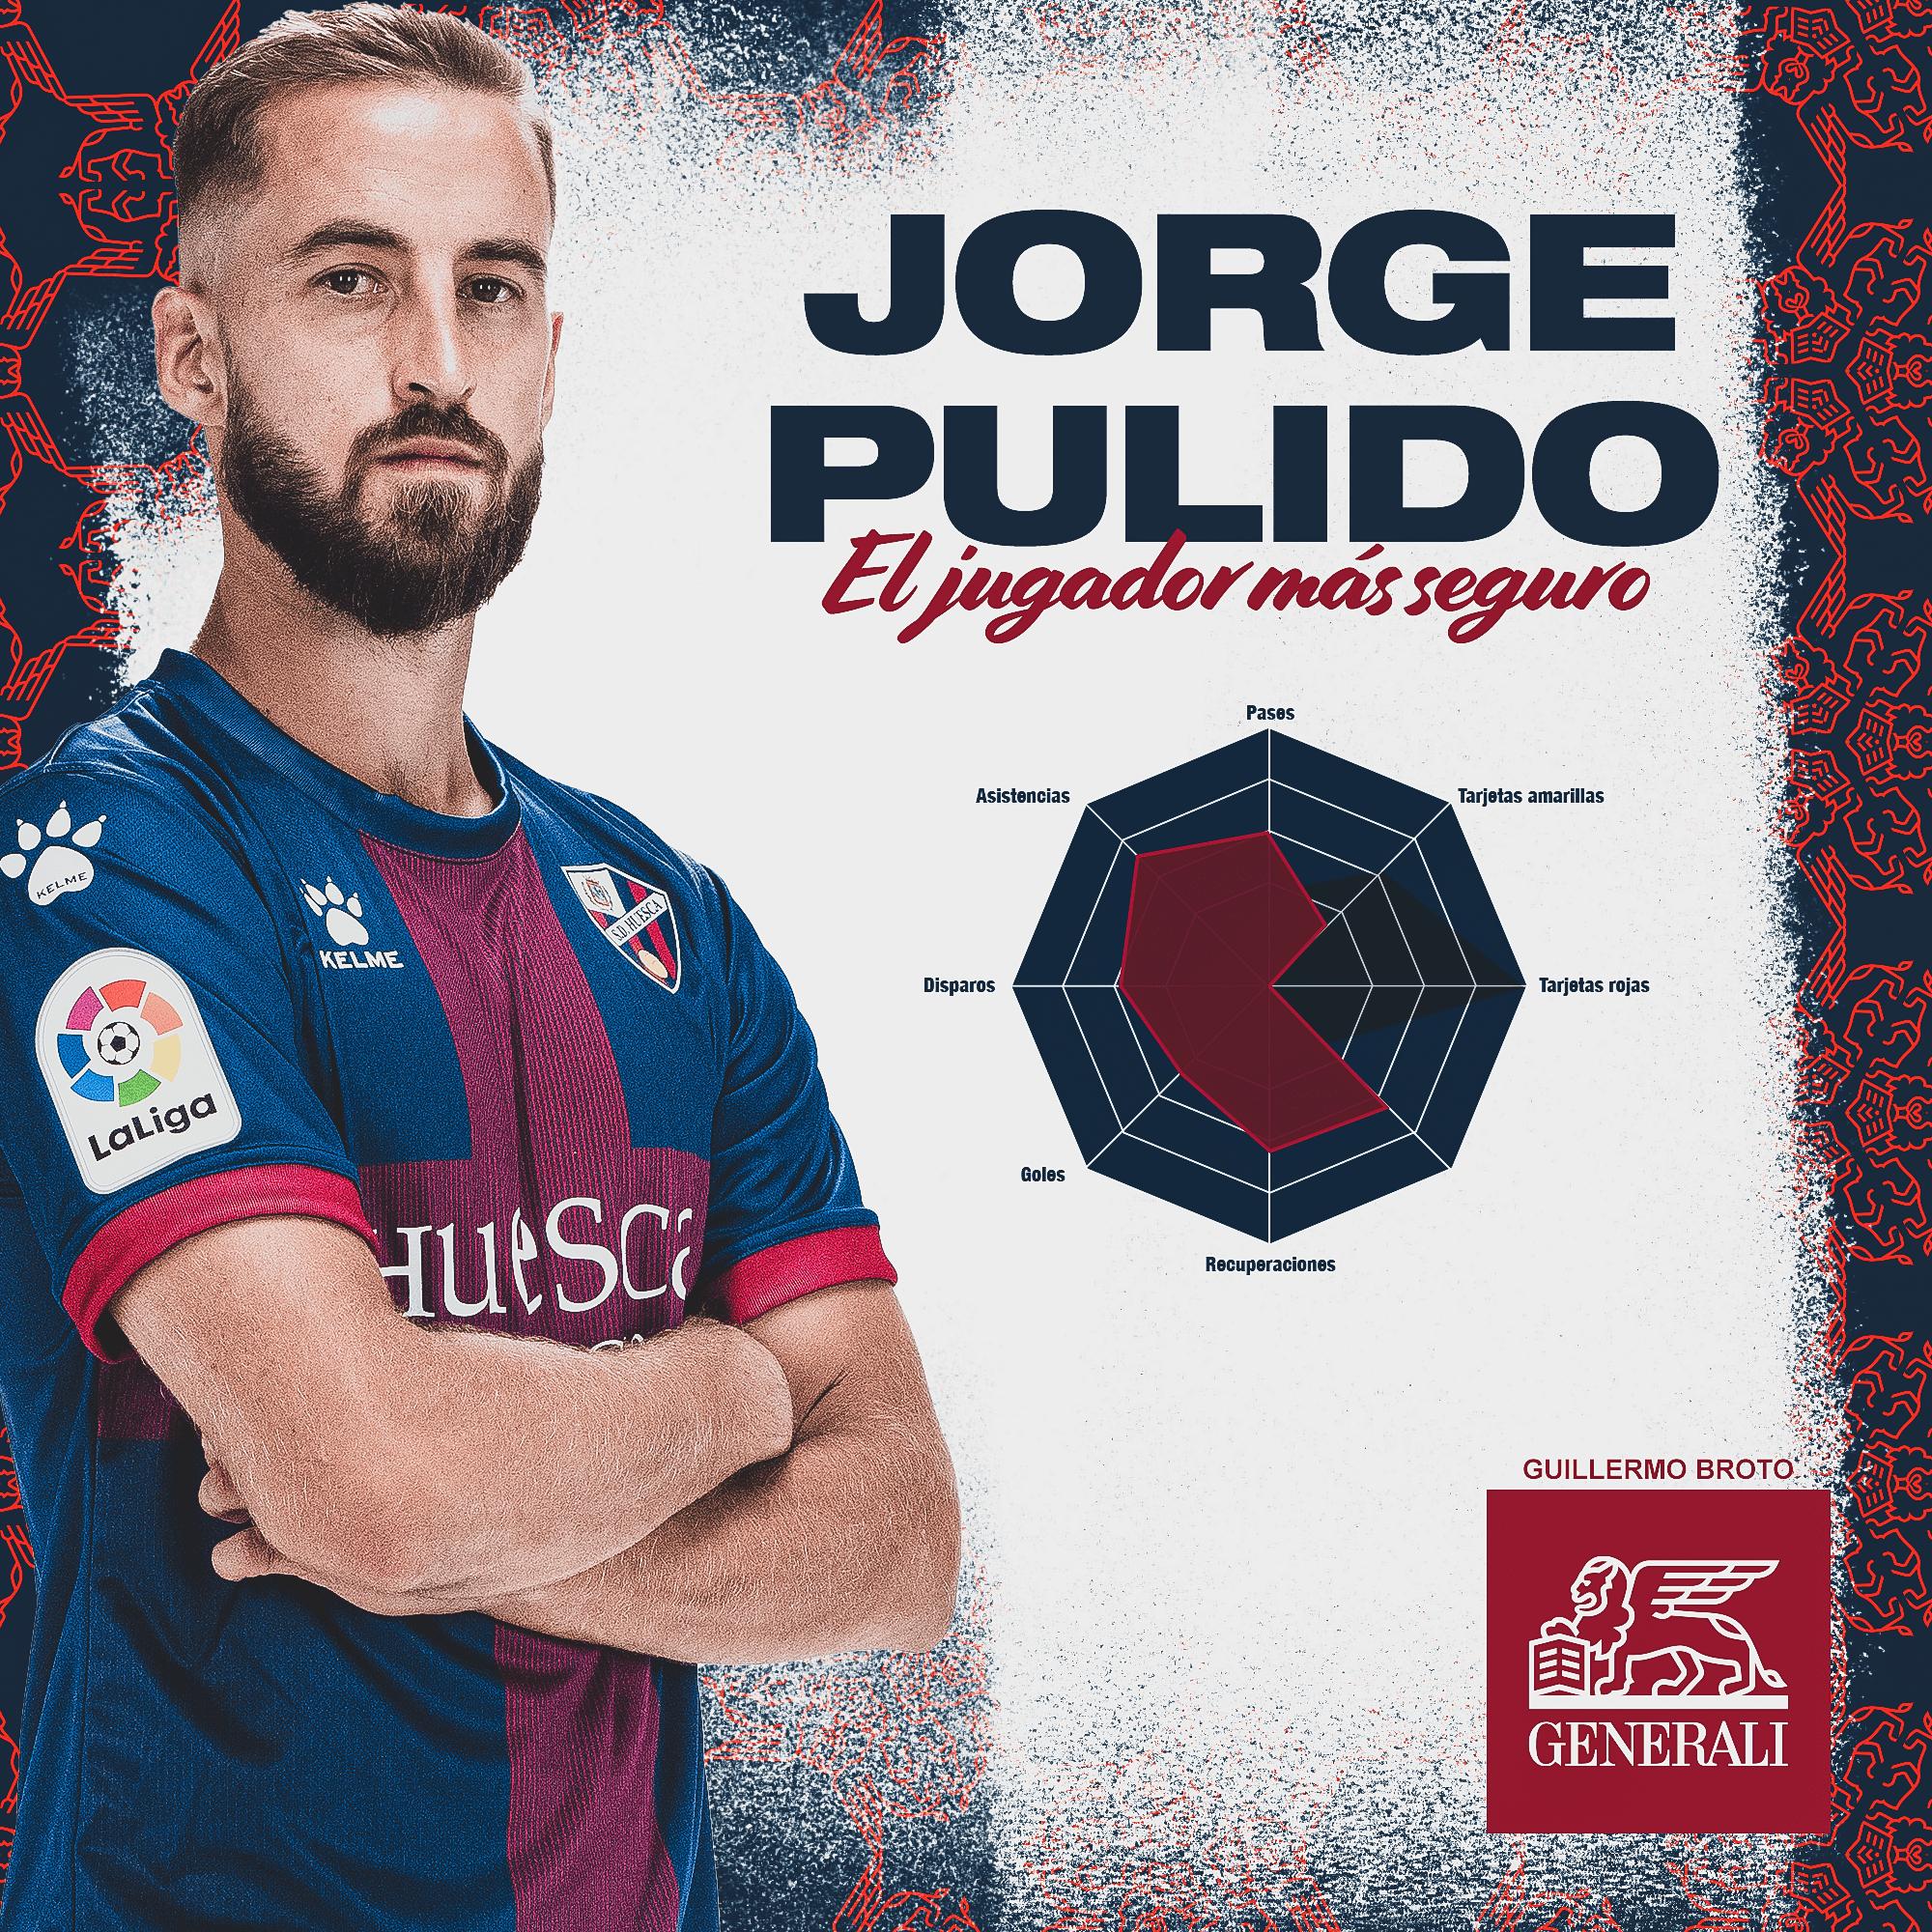 Jorge Pulido, jugador más seguro de abril